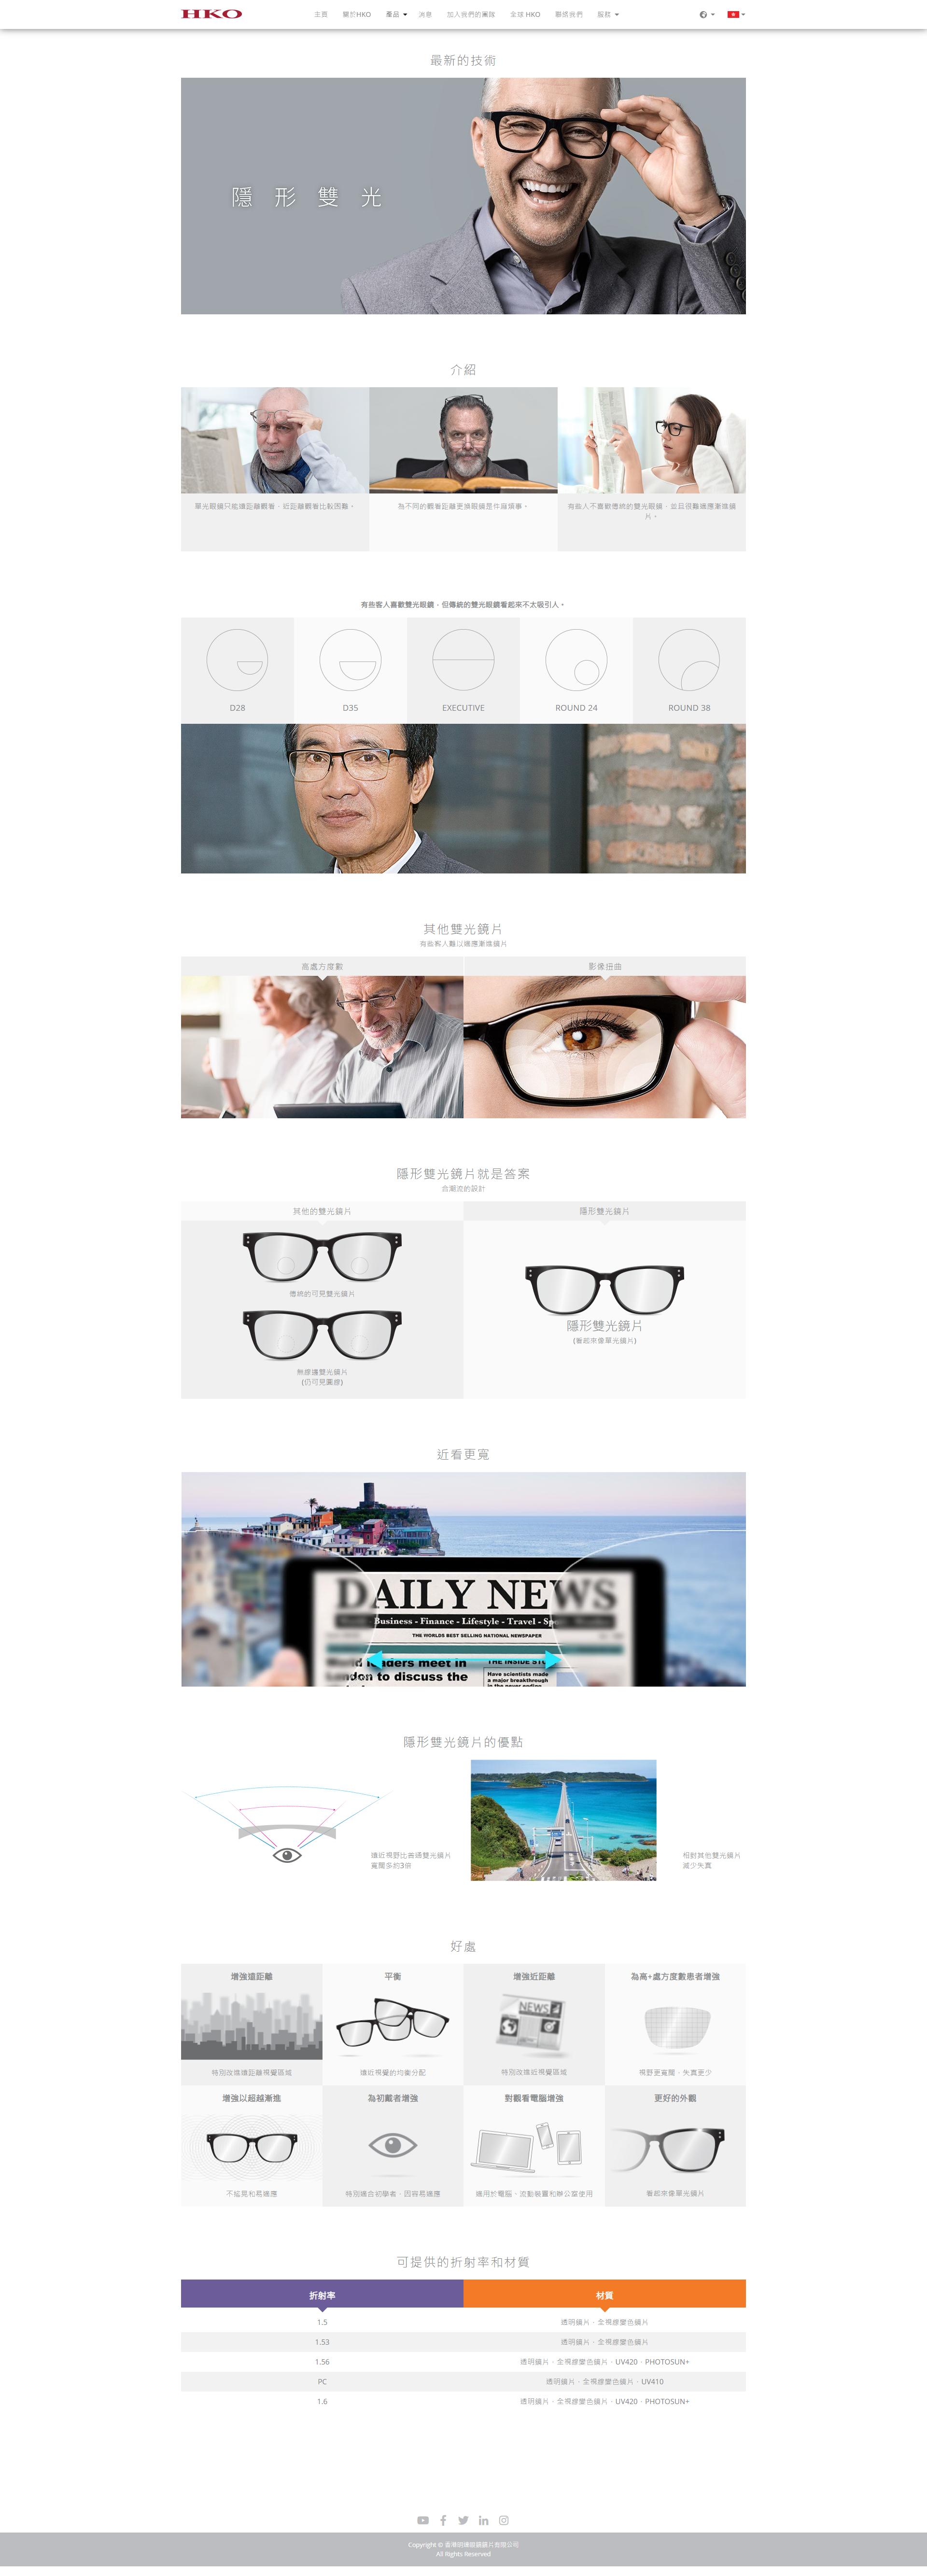 香港廠商網站文案的5個要點 - Vision One Digital